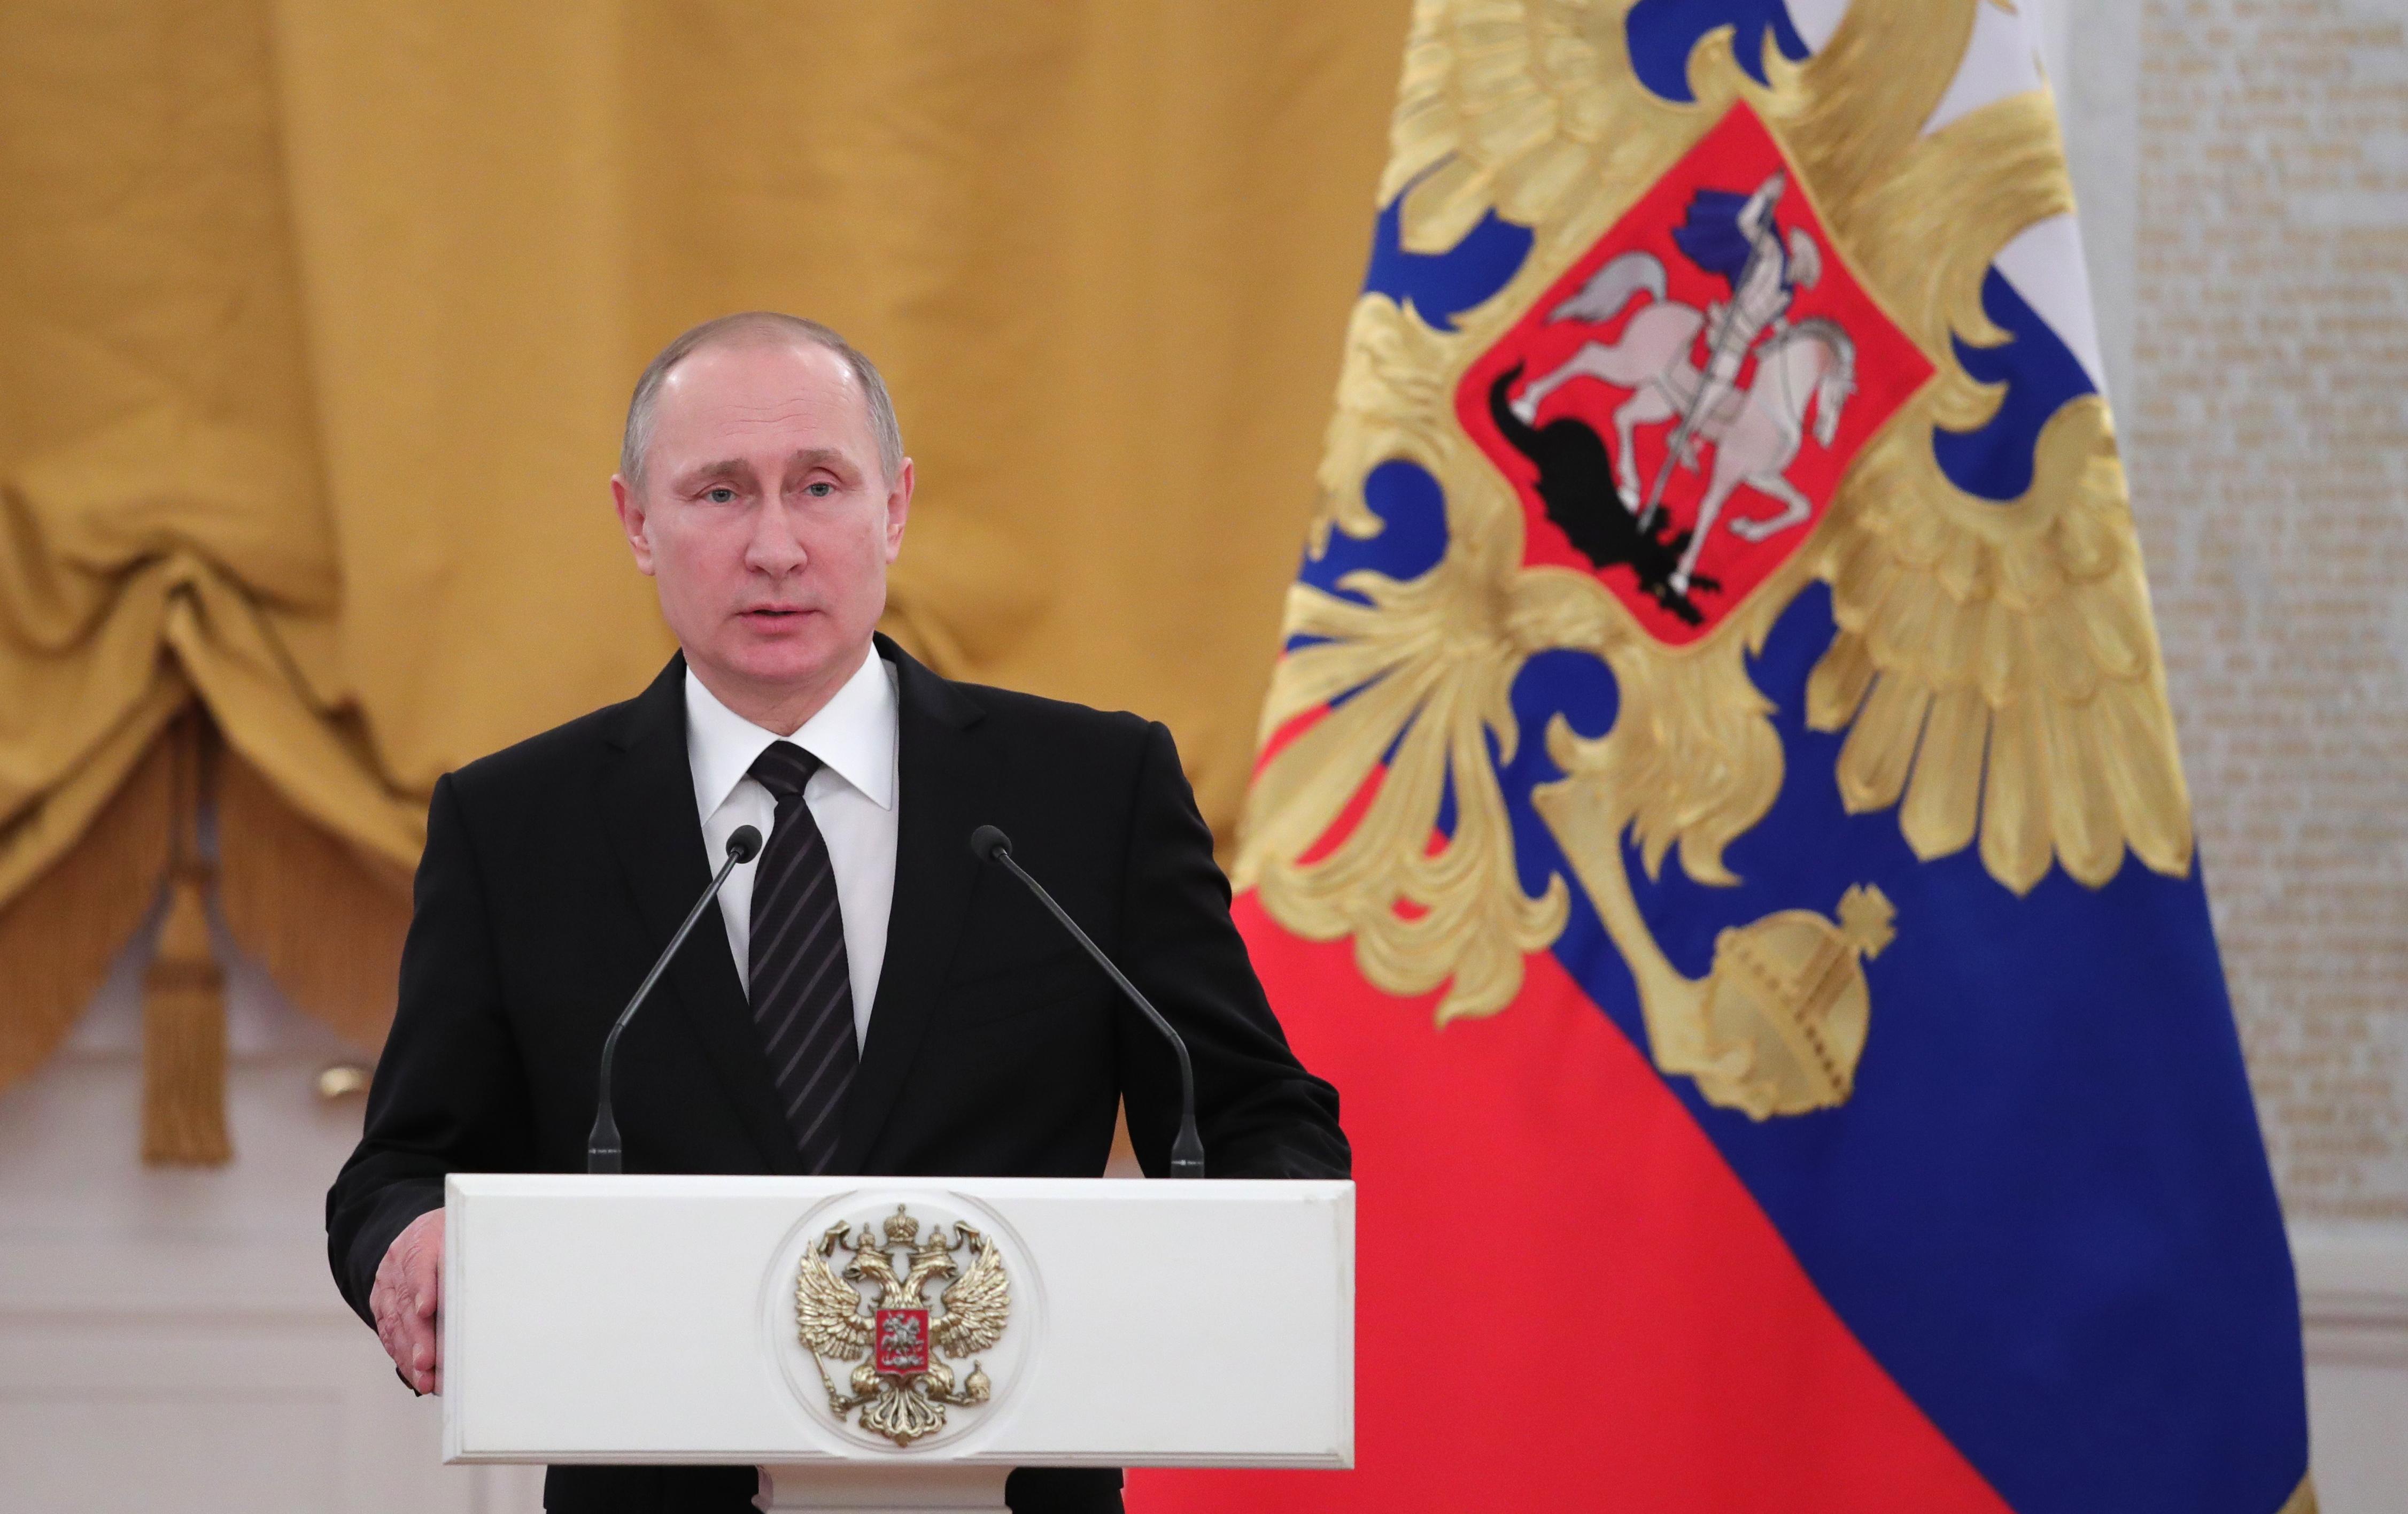 Las simpatías de Trump por Putin le están causando un serio dolor de cabeza a Donald Trump. (Crédito: MICHAEL KLIMENTYEV/AFP/Getty Images)